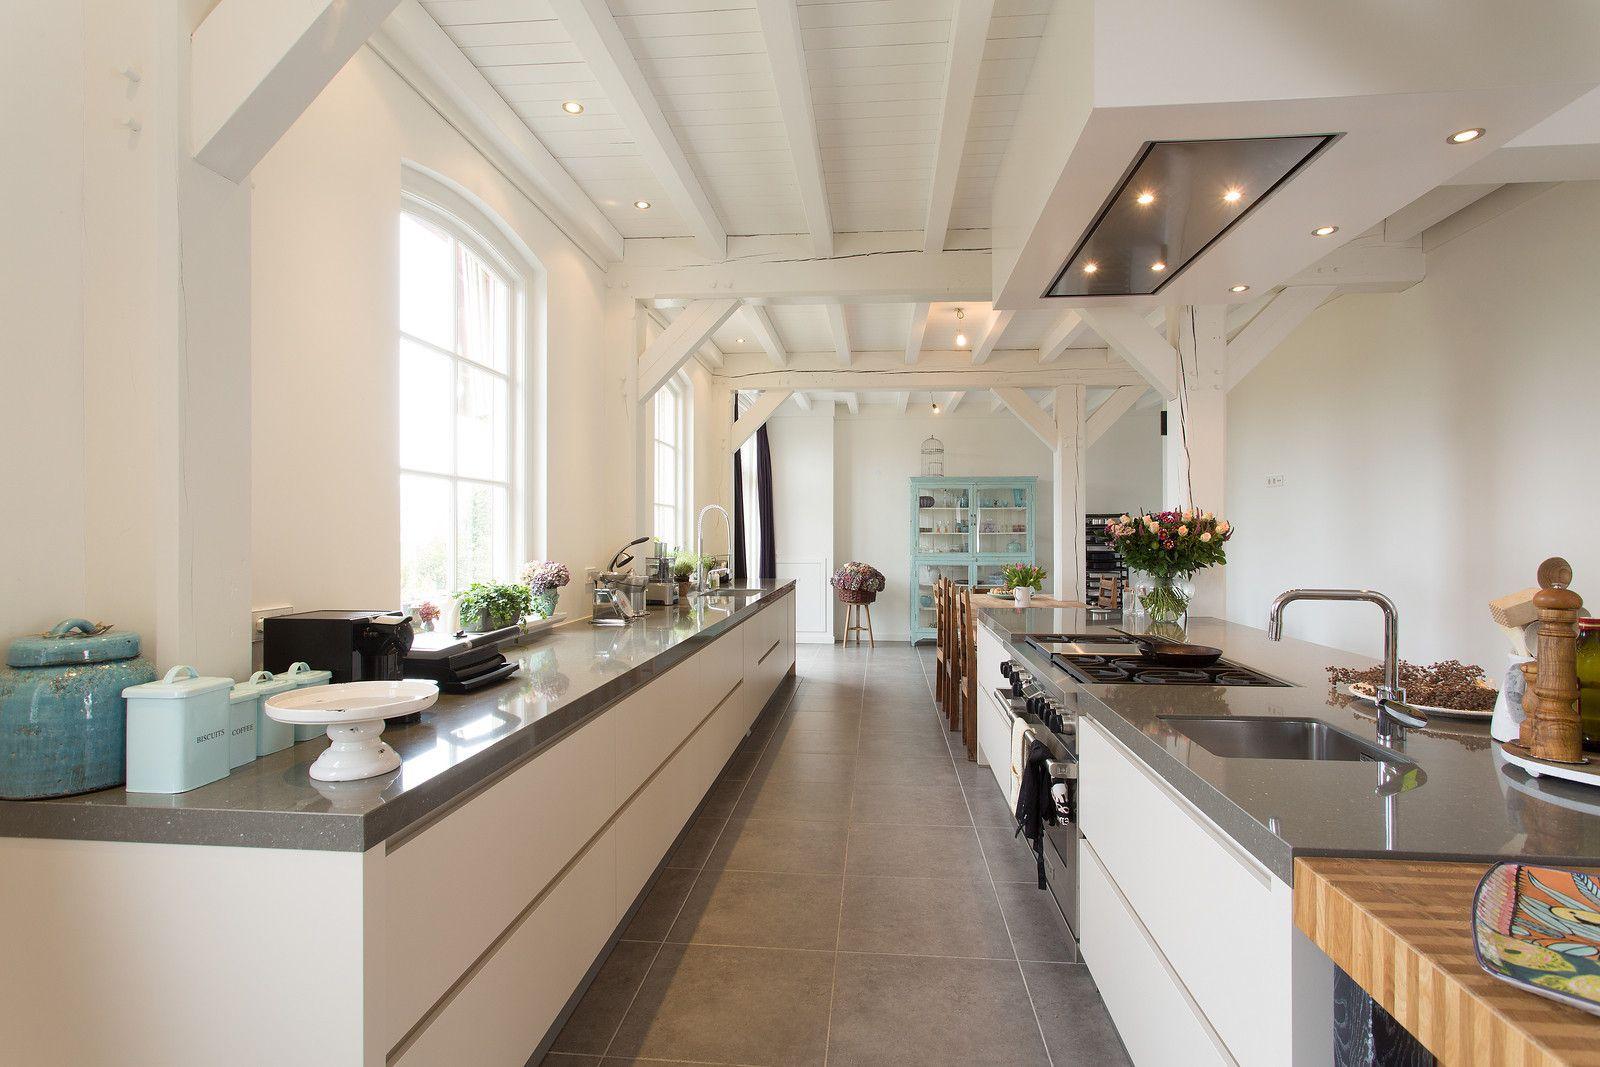 Mooiste Design Keukens : Moderne keukens de mooiste moderne keukens bob